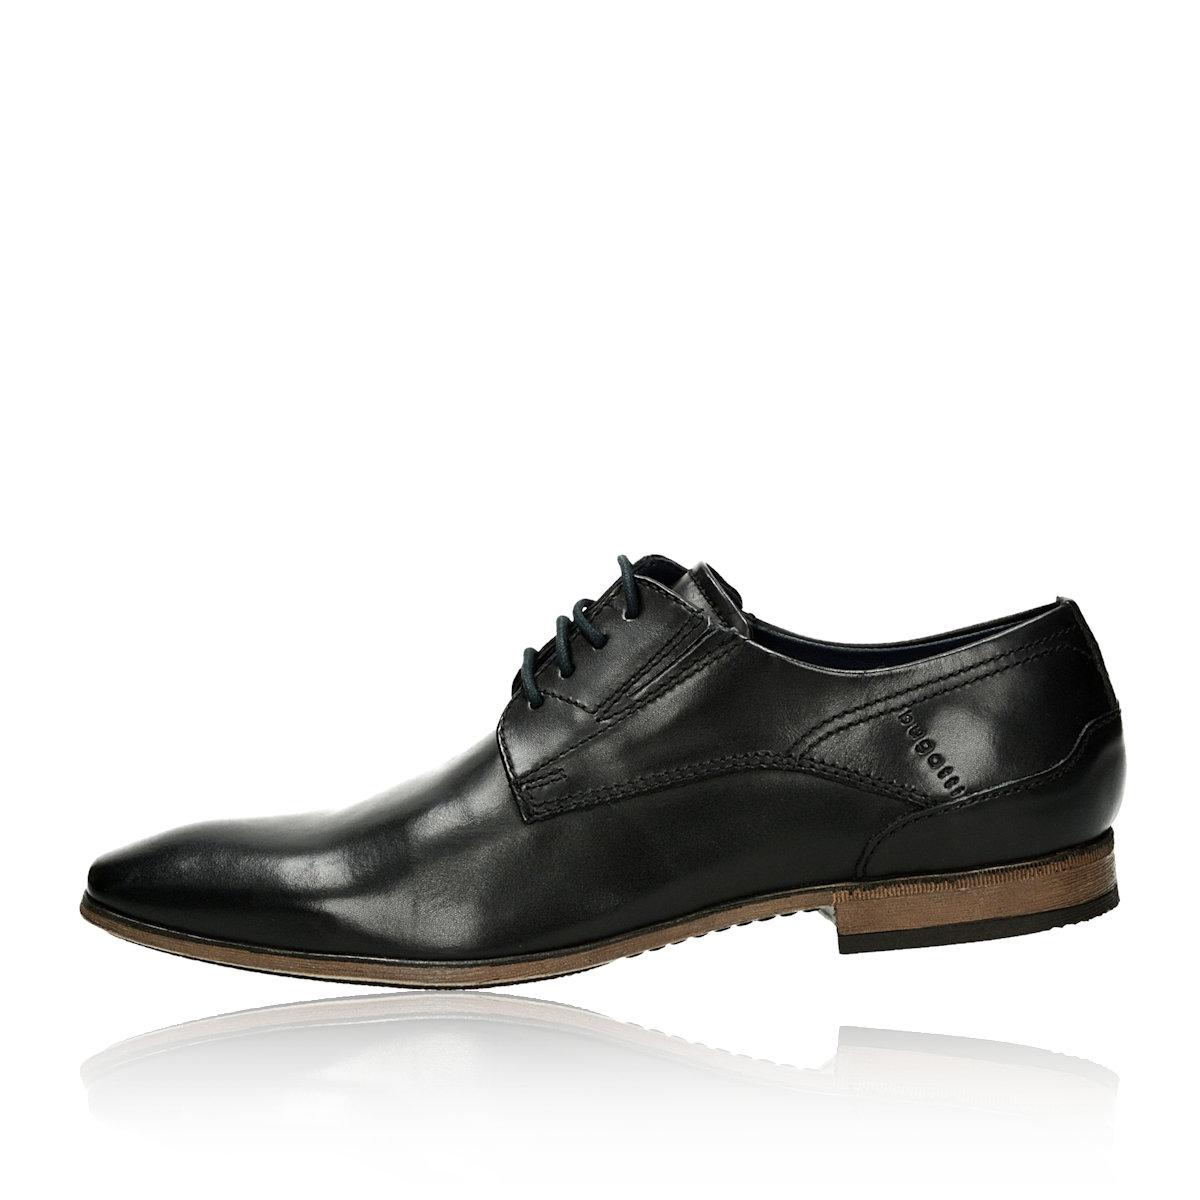 3c34e1e71c41 Bugatti pánske kožené spoločenské topánky - čierne Bugatti pánske kožené  spoločenské topánky - čierne ...